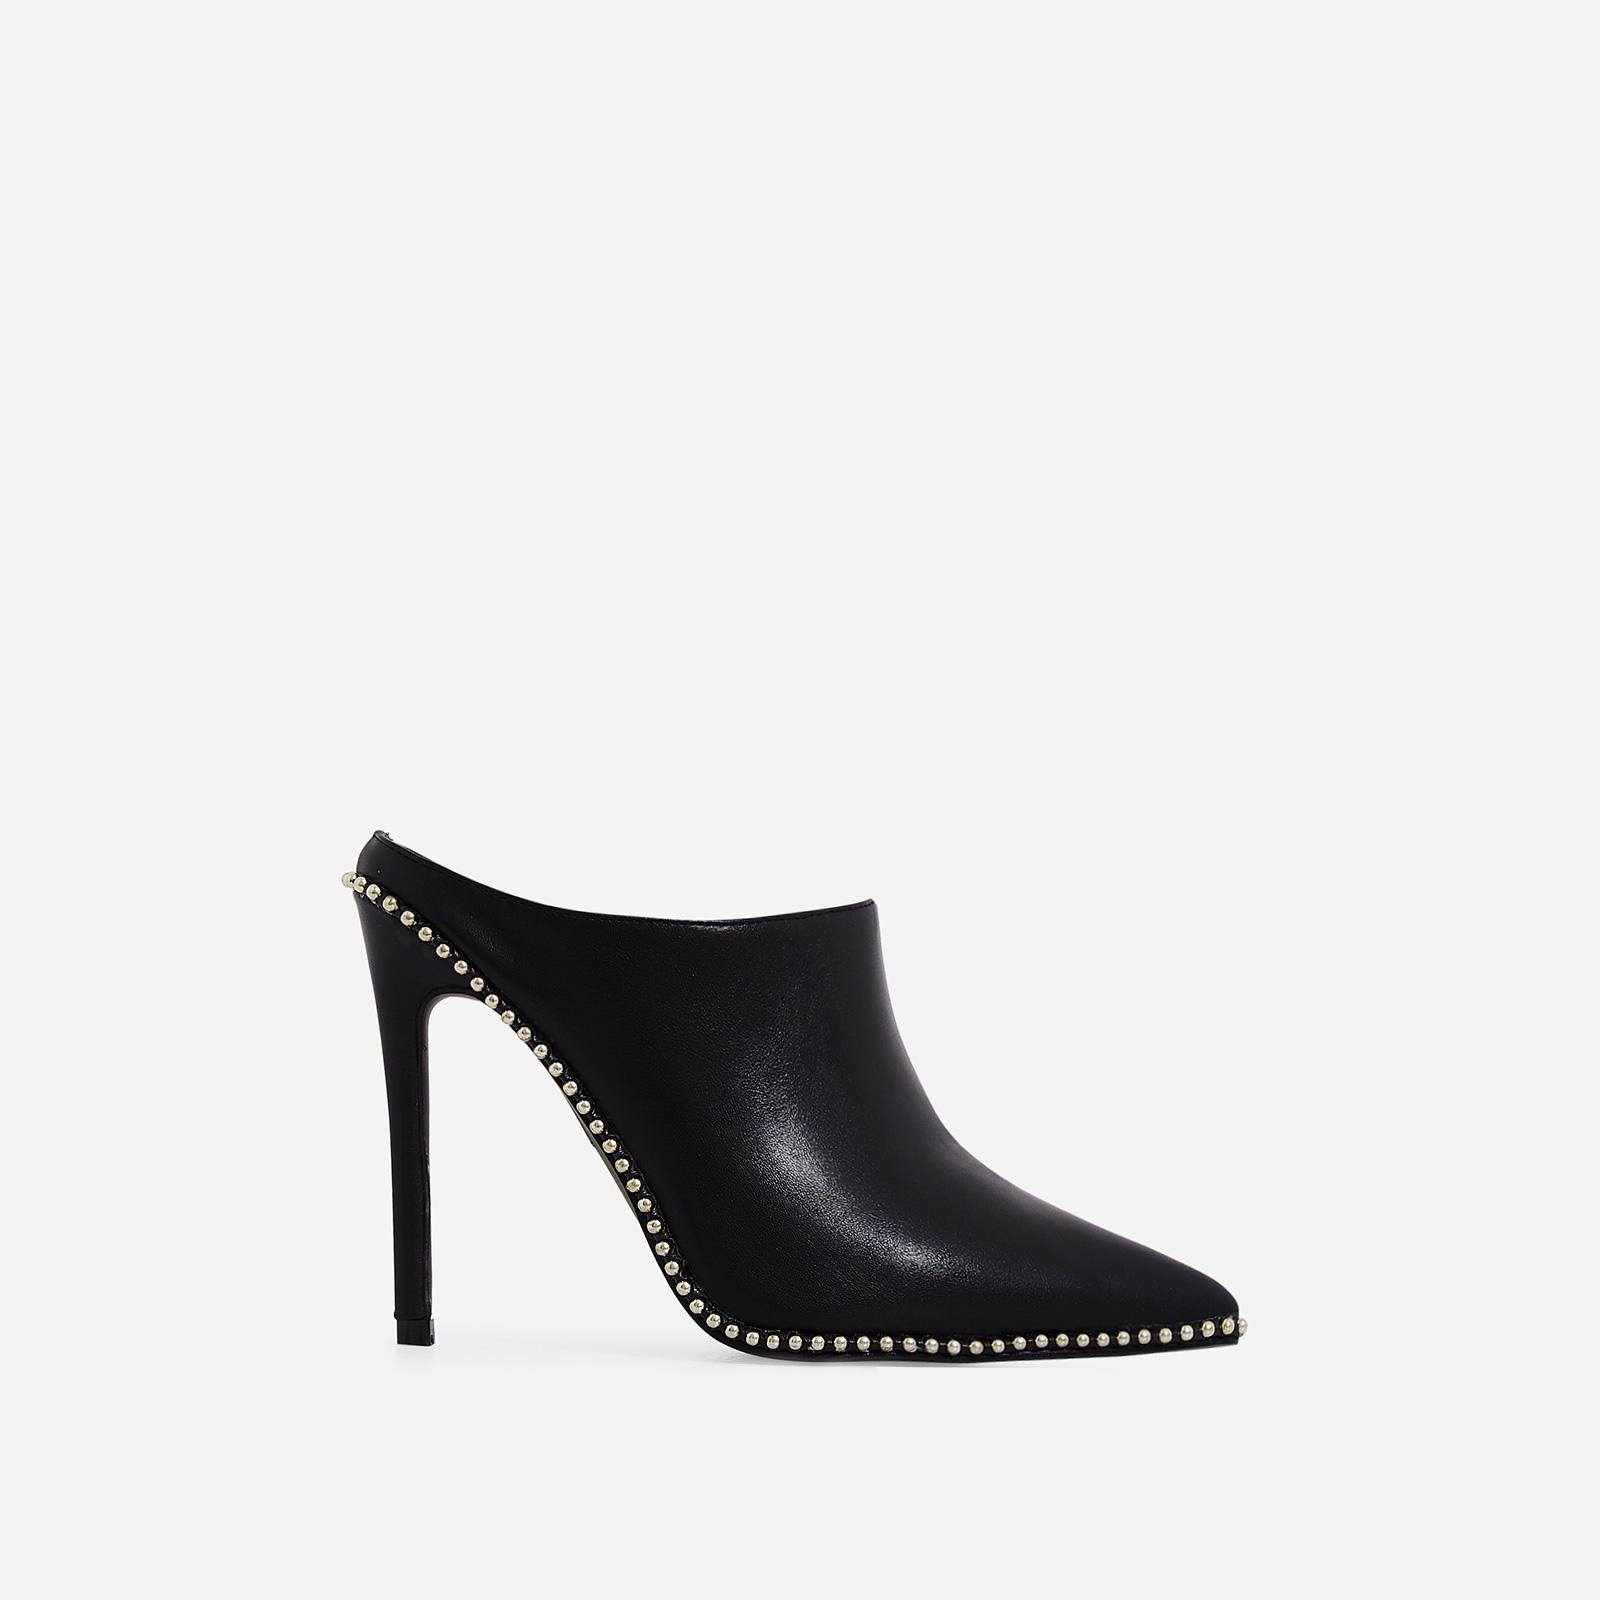 Fleur Studded Detail Heel Mule In Black Faux Leather